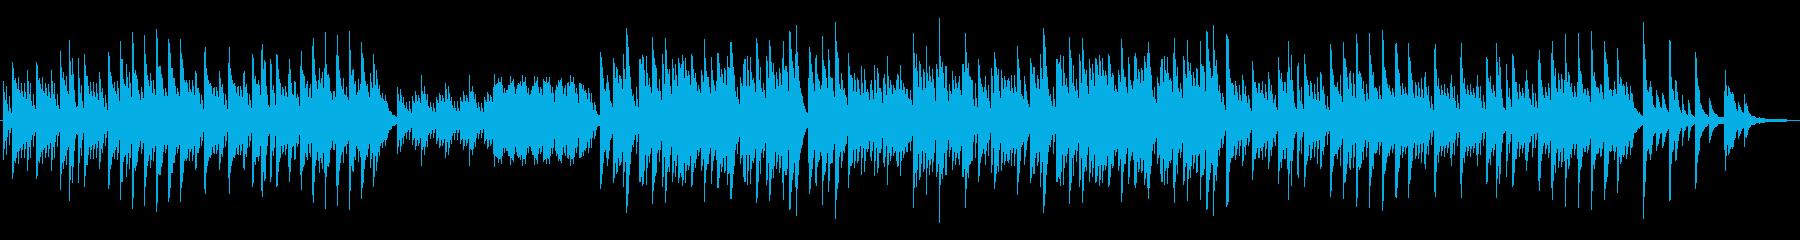 せつなさ感じるピアノ曲の再生済みの波形